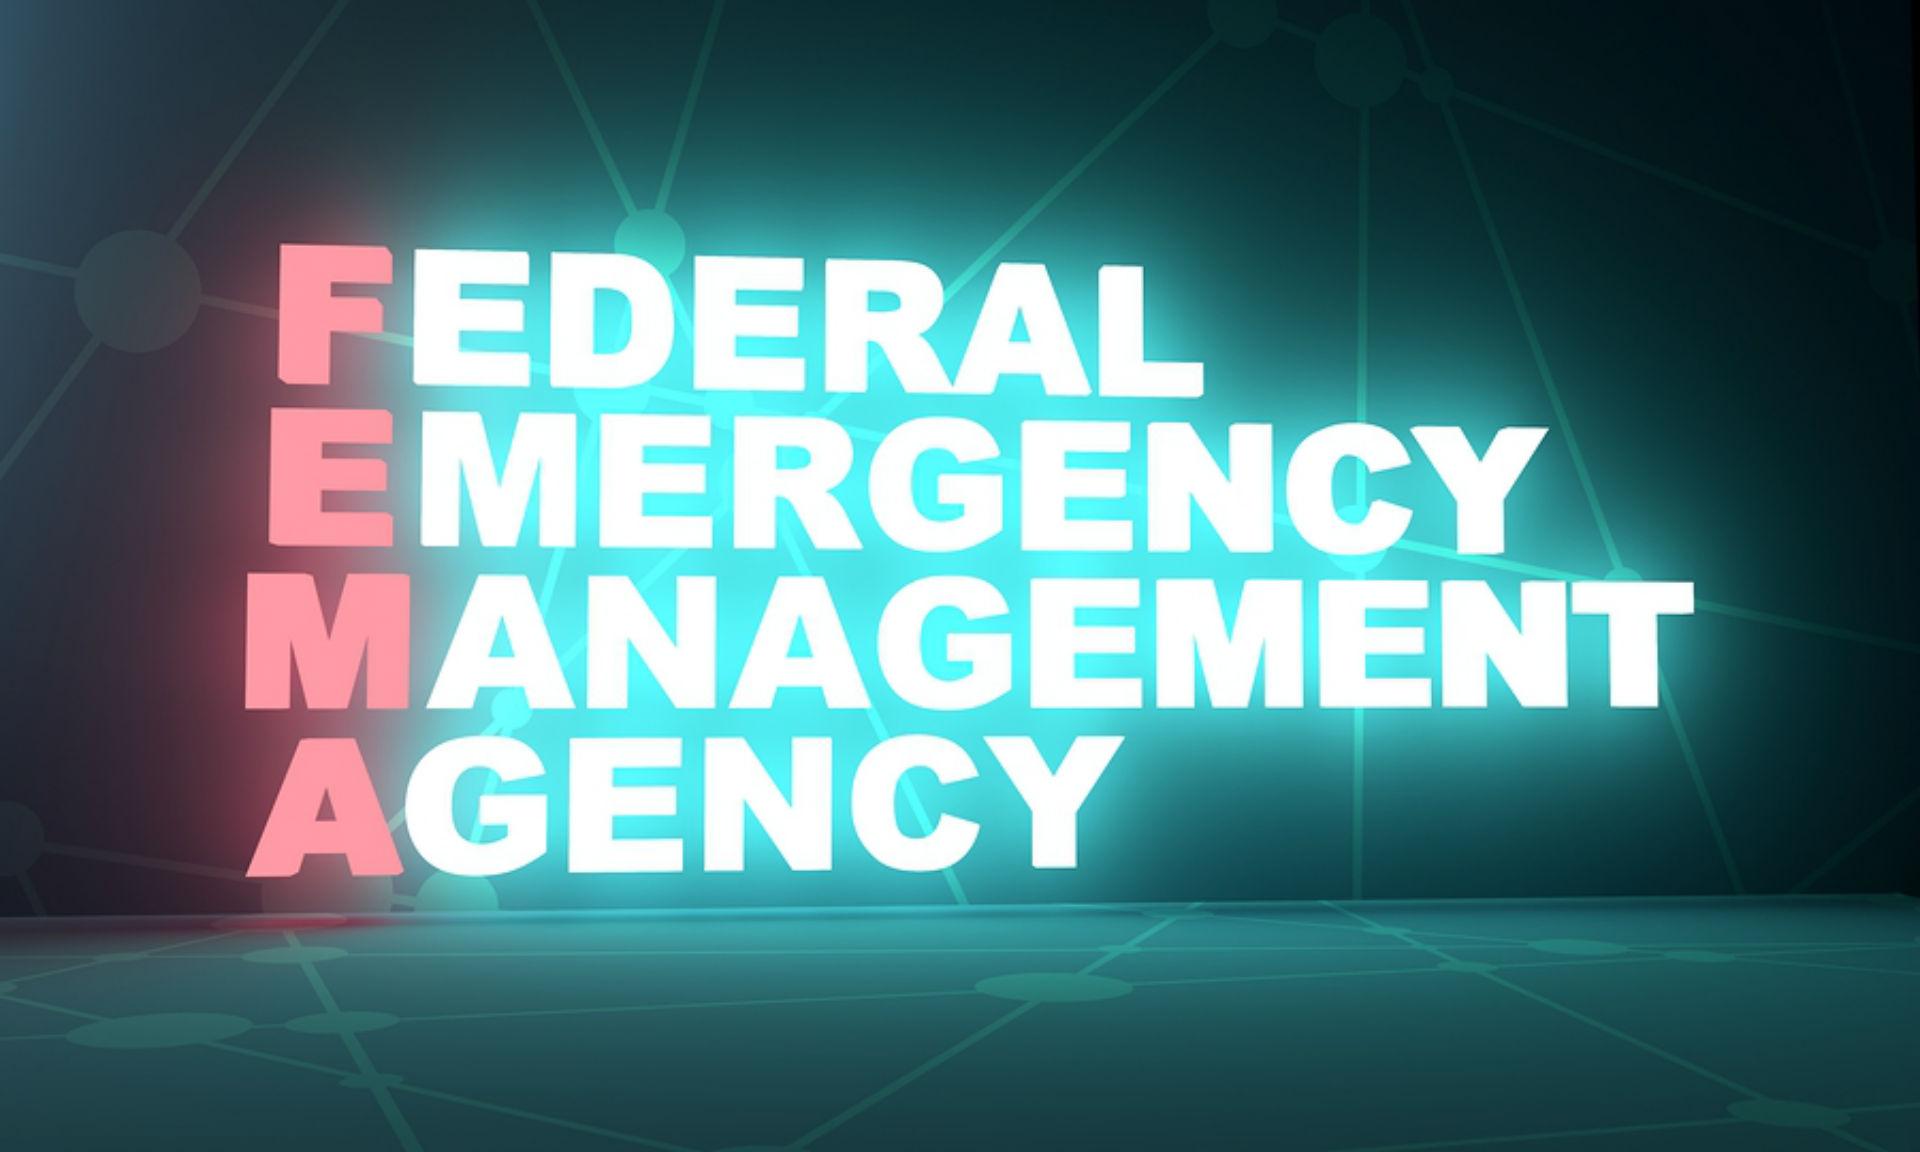 FEMA_1560179567922.jpg